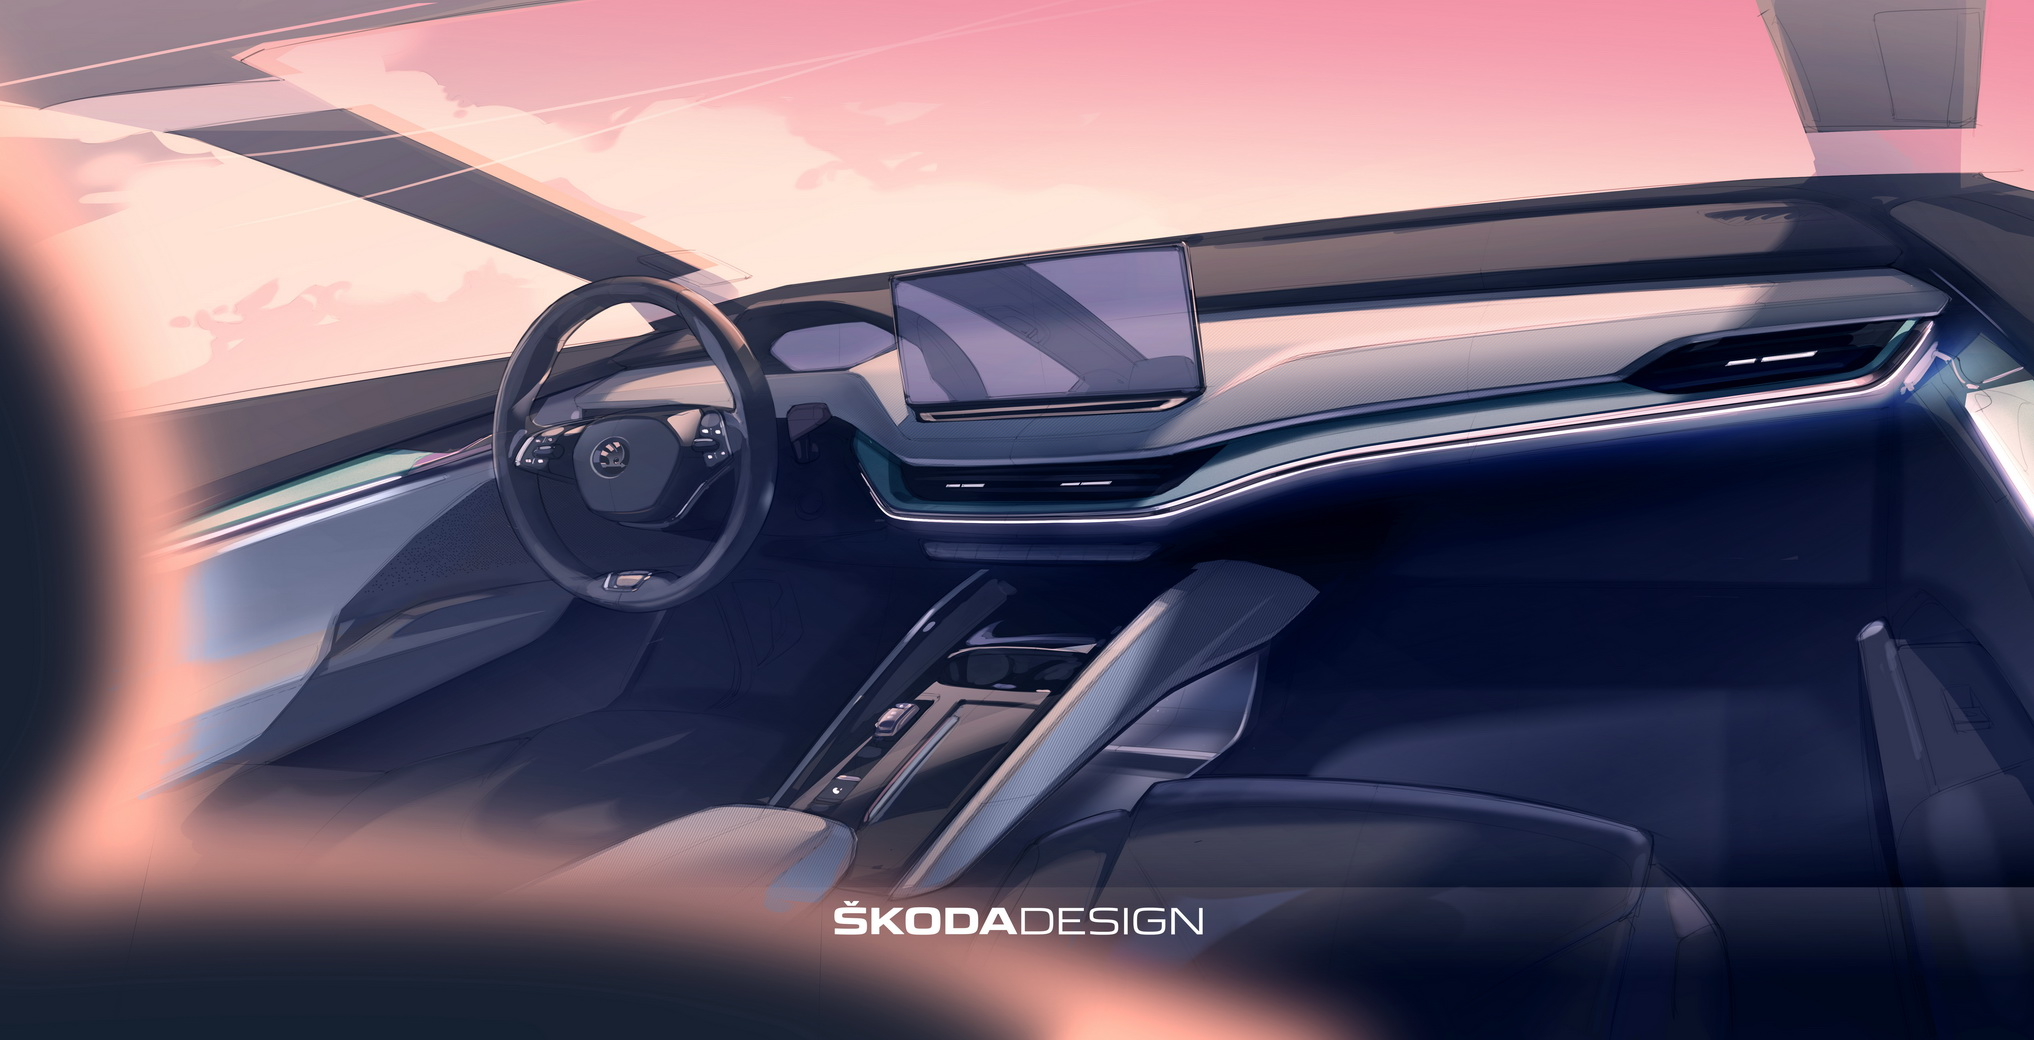 Поглед во внатрешноста на електичниот кросовер Škoda Enyaq / ФОТО+ВИДЕО